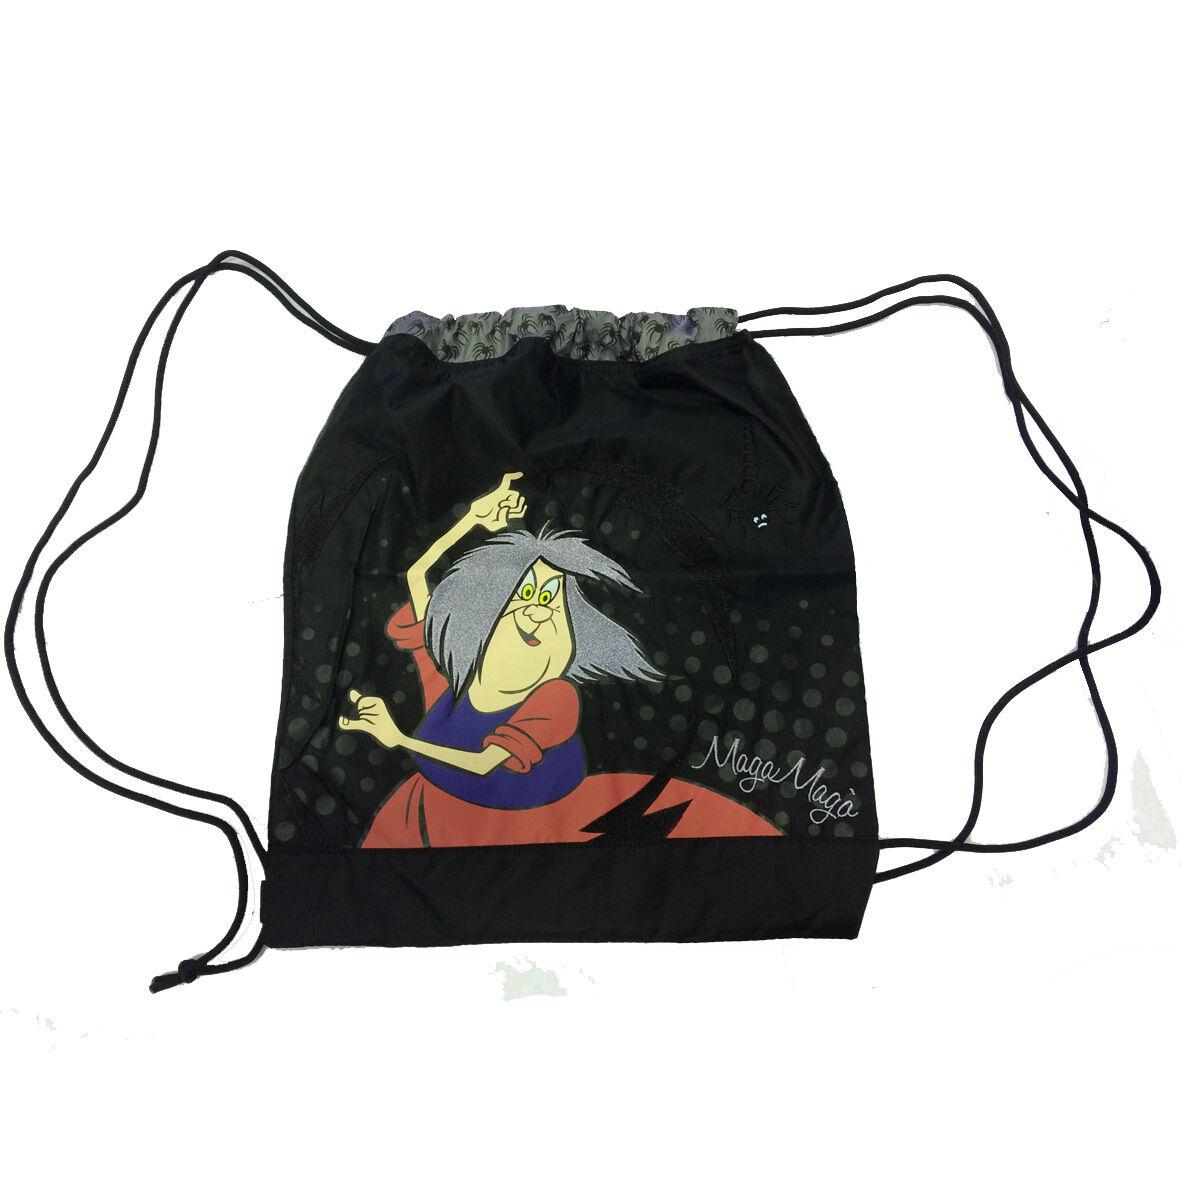 MAGA MAGO' Sacca zaino coulisse in cordura nero pesante stampato 43,5x36,5 cm